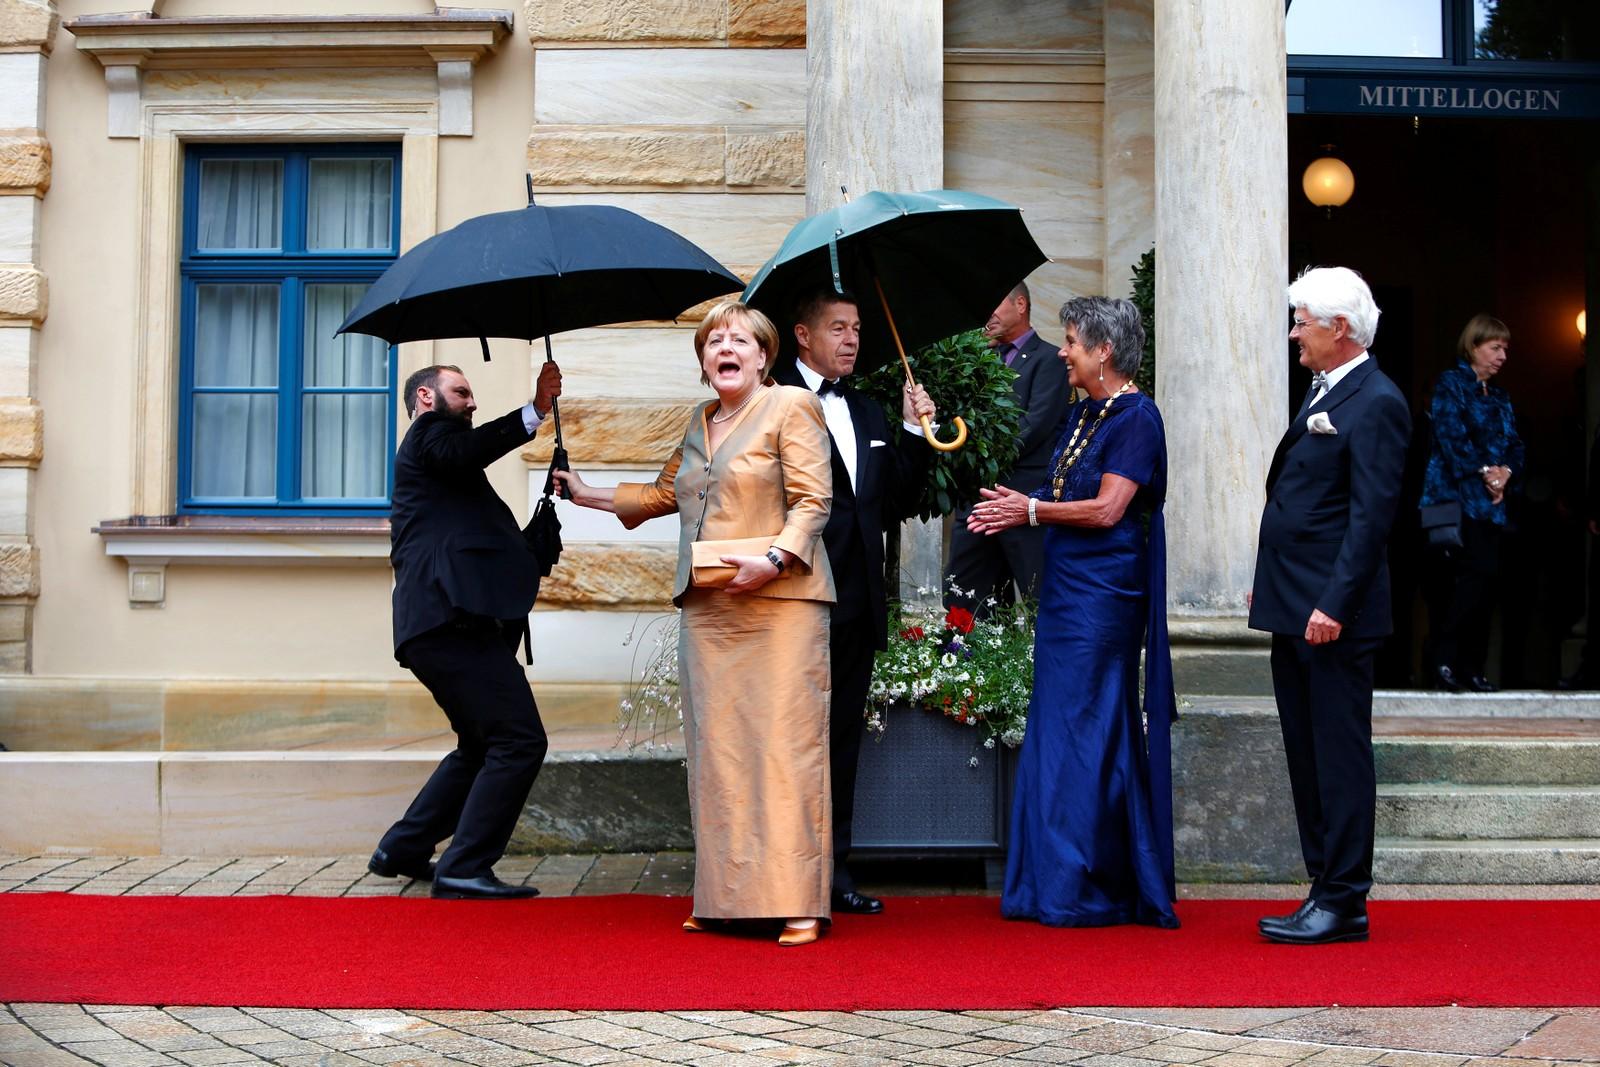 Og der kom visst regnet. Angela Merkel får en paraply før åpningen av Festspillene i Bayreuth i Tyskland.